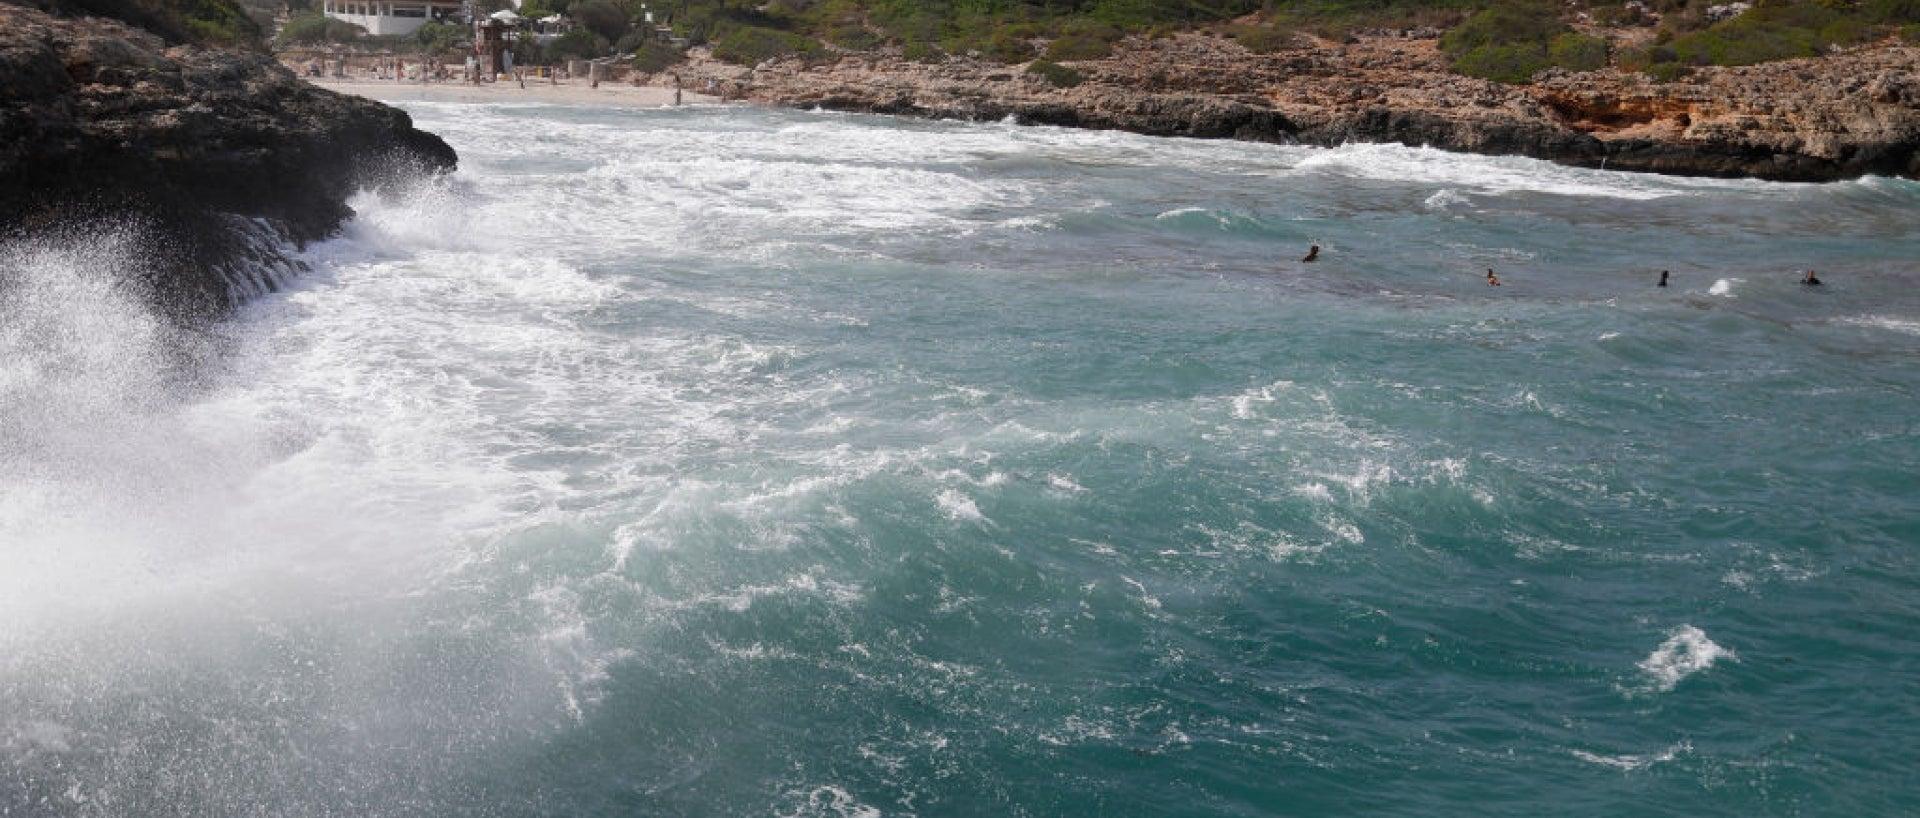 Sea near Majorca